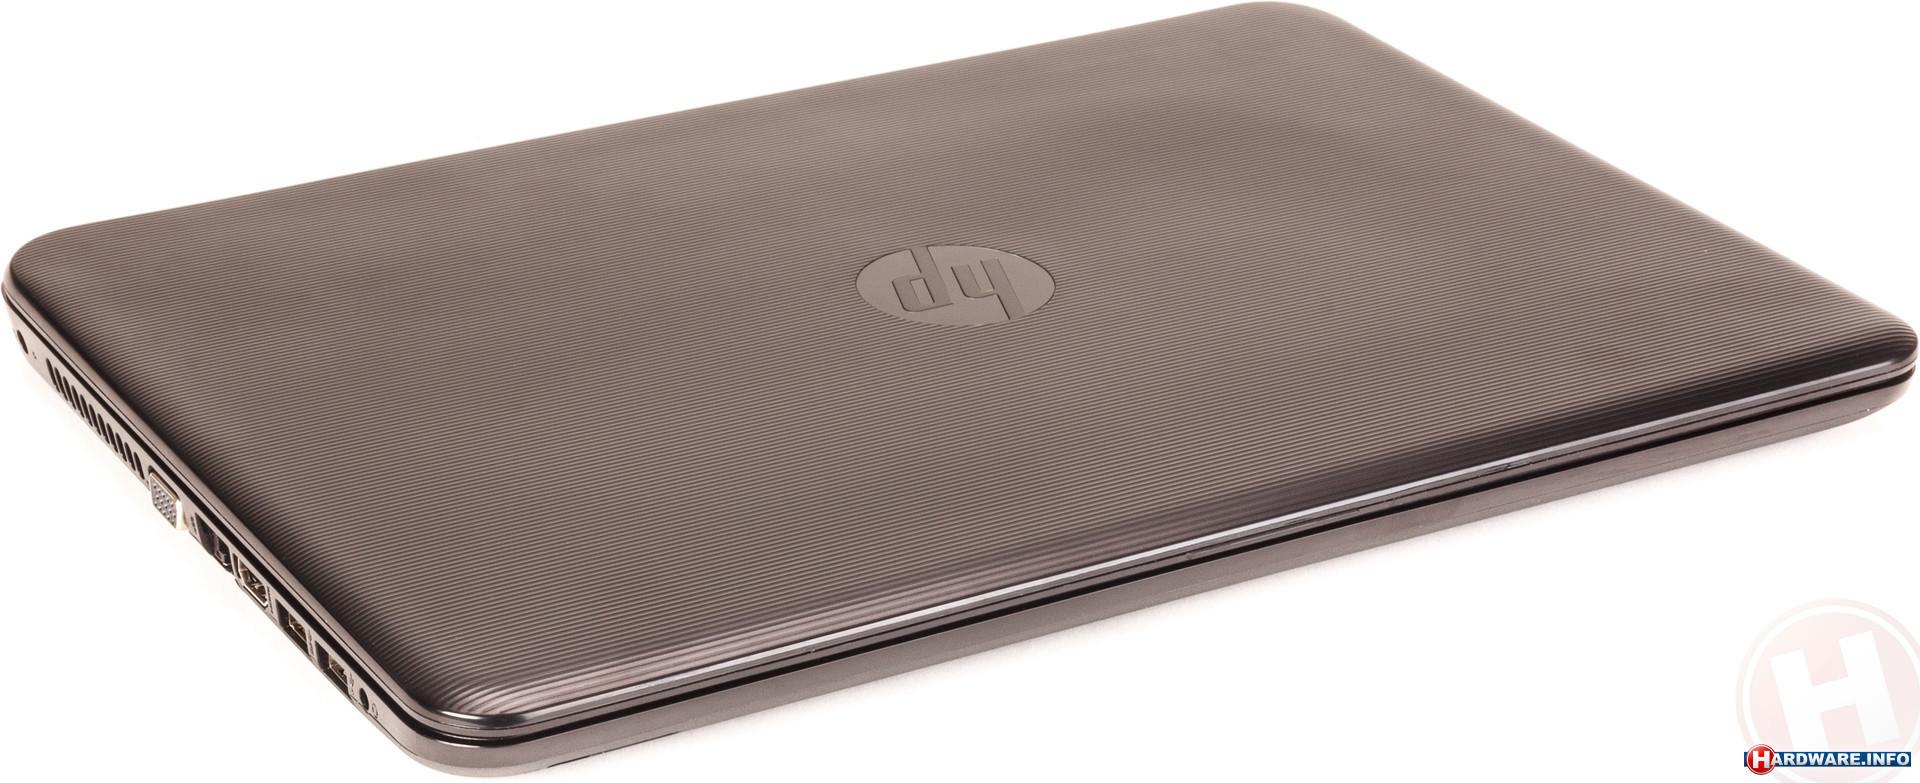 HP 14-am011nd (Z5B63EA) laptop/tablet - Hardware Info